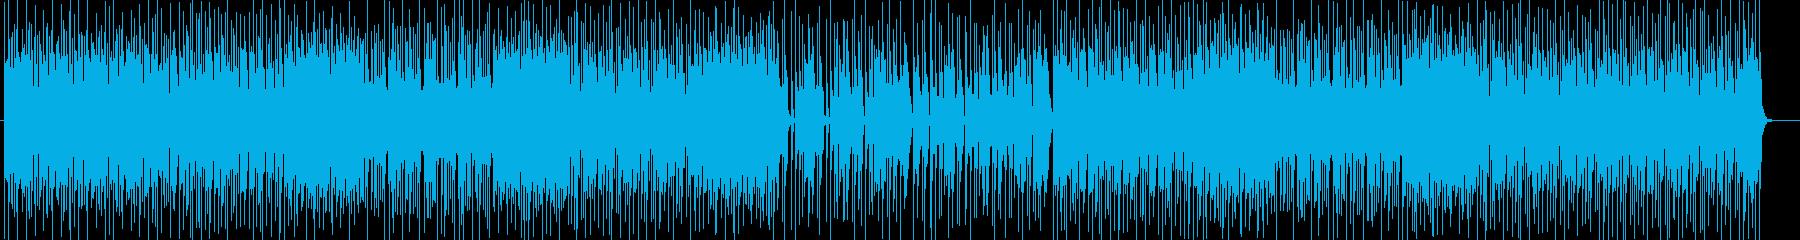 アメリカンなシンセサイザーポップテクノ系の再生済みの波形